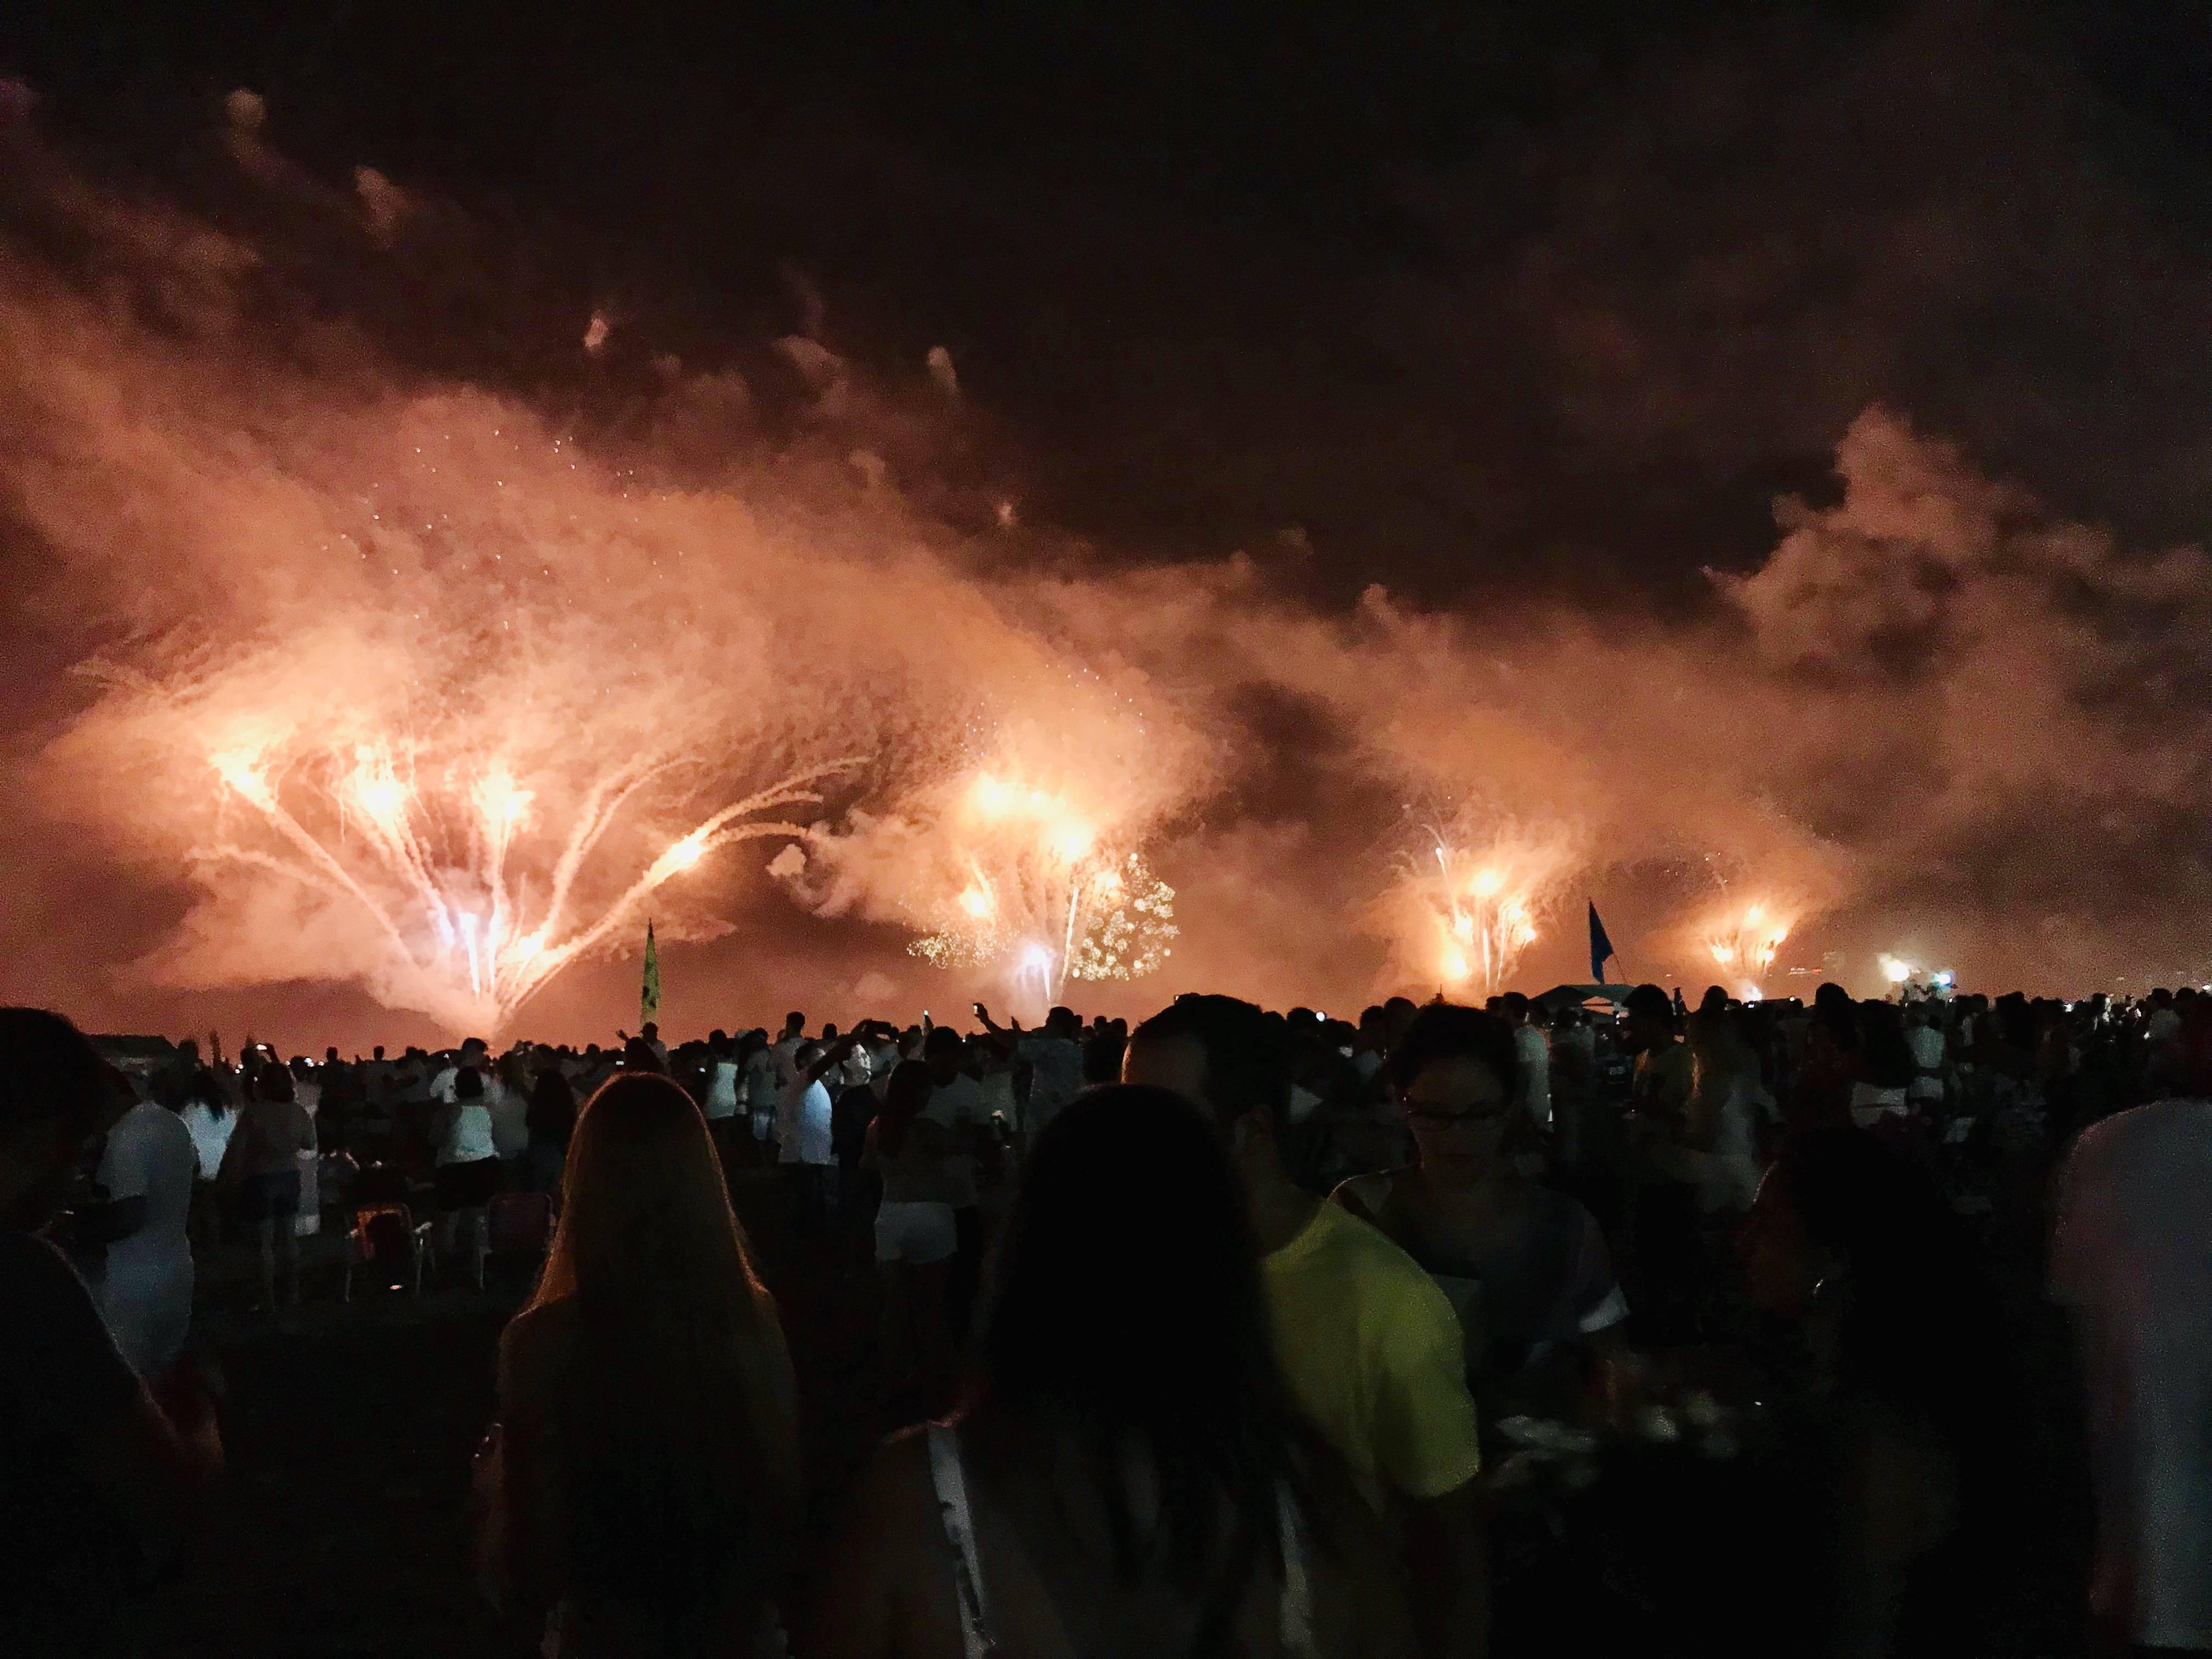 www.juicysantos.com.br - reveillon 2019 em santos